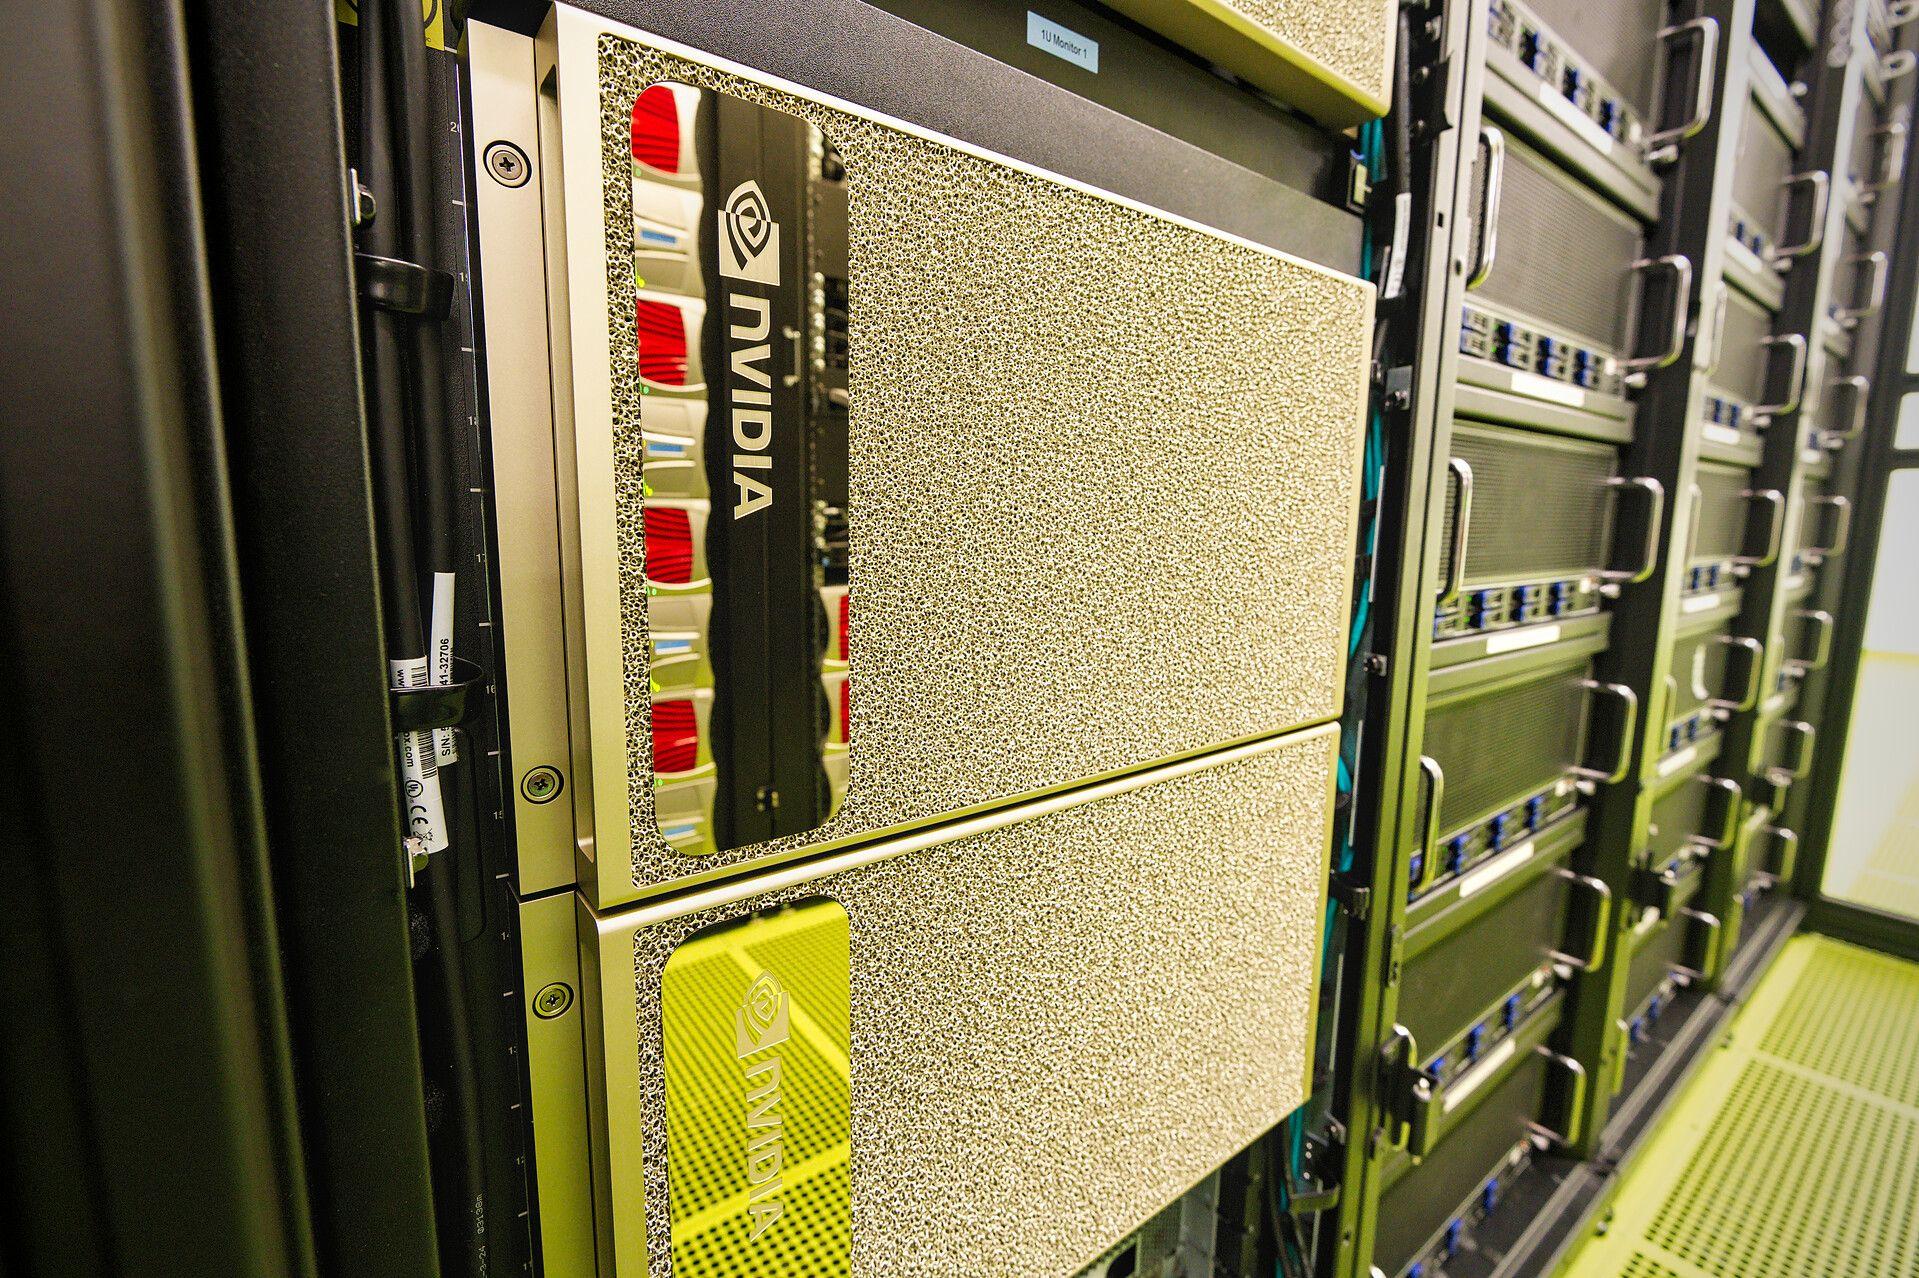 Bei den neuen Computersystemen vom Typ DGX A100 handelt es sich um Hochleistungsserver mit jeweils acht Nvidia A100 Tensor Core GPUs. Gemeinsam erbringen die acht Beschleuniger eine Rechenleistung von 5 AI-PetaFLOP/s, also fünf Billiarden Rechenoperationen. (Bild: Simon Raffeiner/SCC)